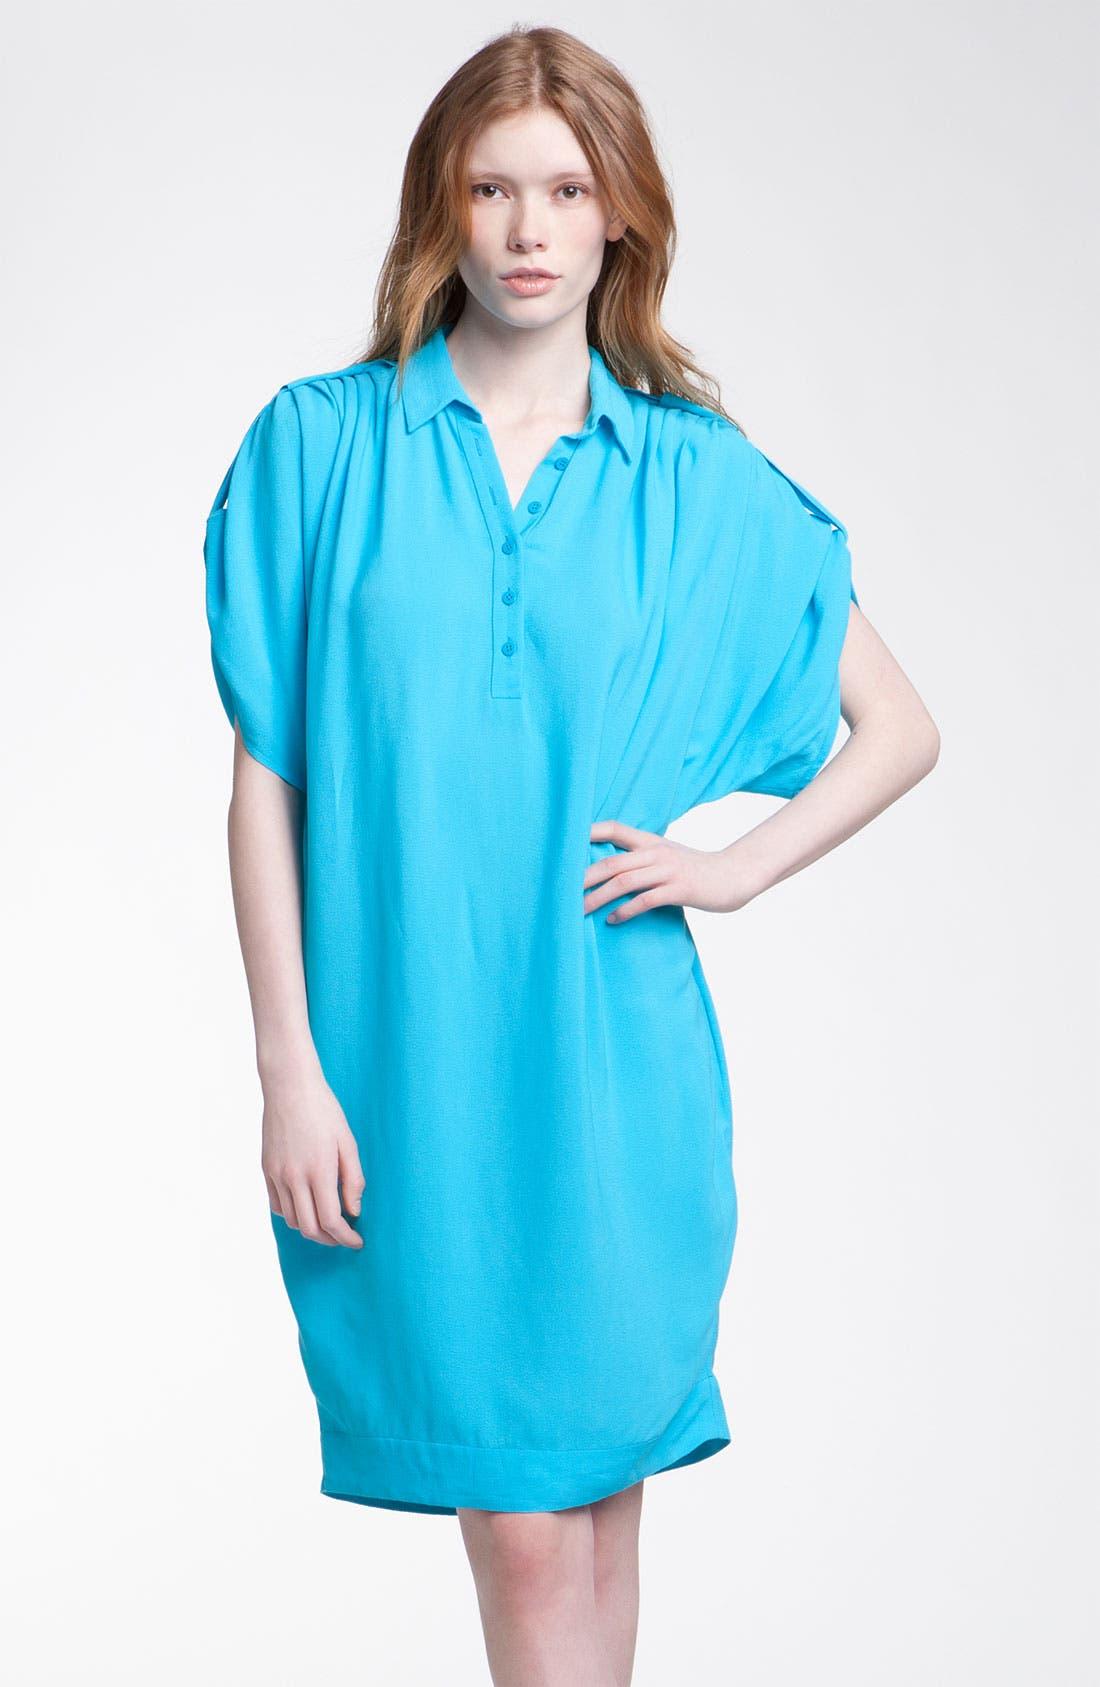 Alternate Image 1 Selected - Diane von Furstenberg 'Karin' Oversized Shirtdress